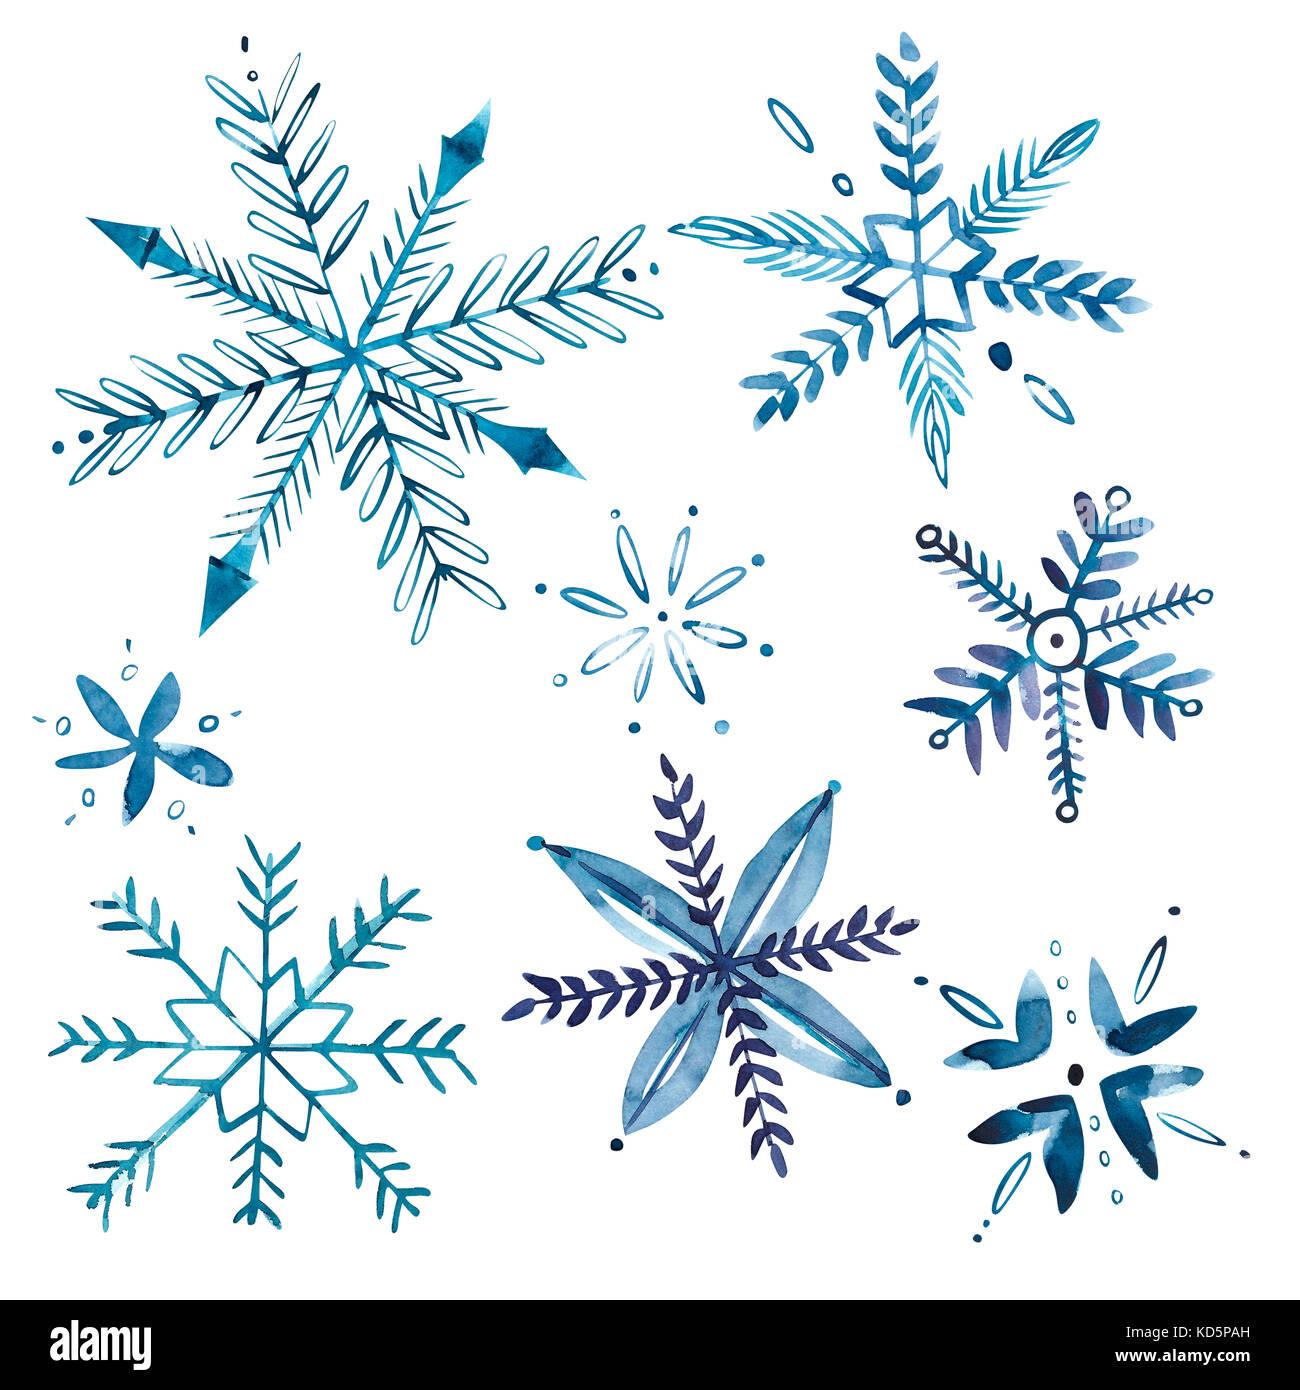 Satz von Aquarell Schneeflocken isoliert auf Weiss. Weihnachten ...